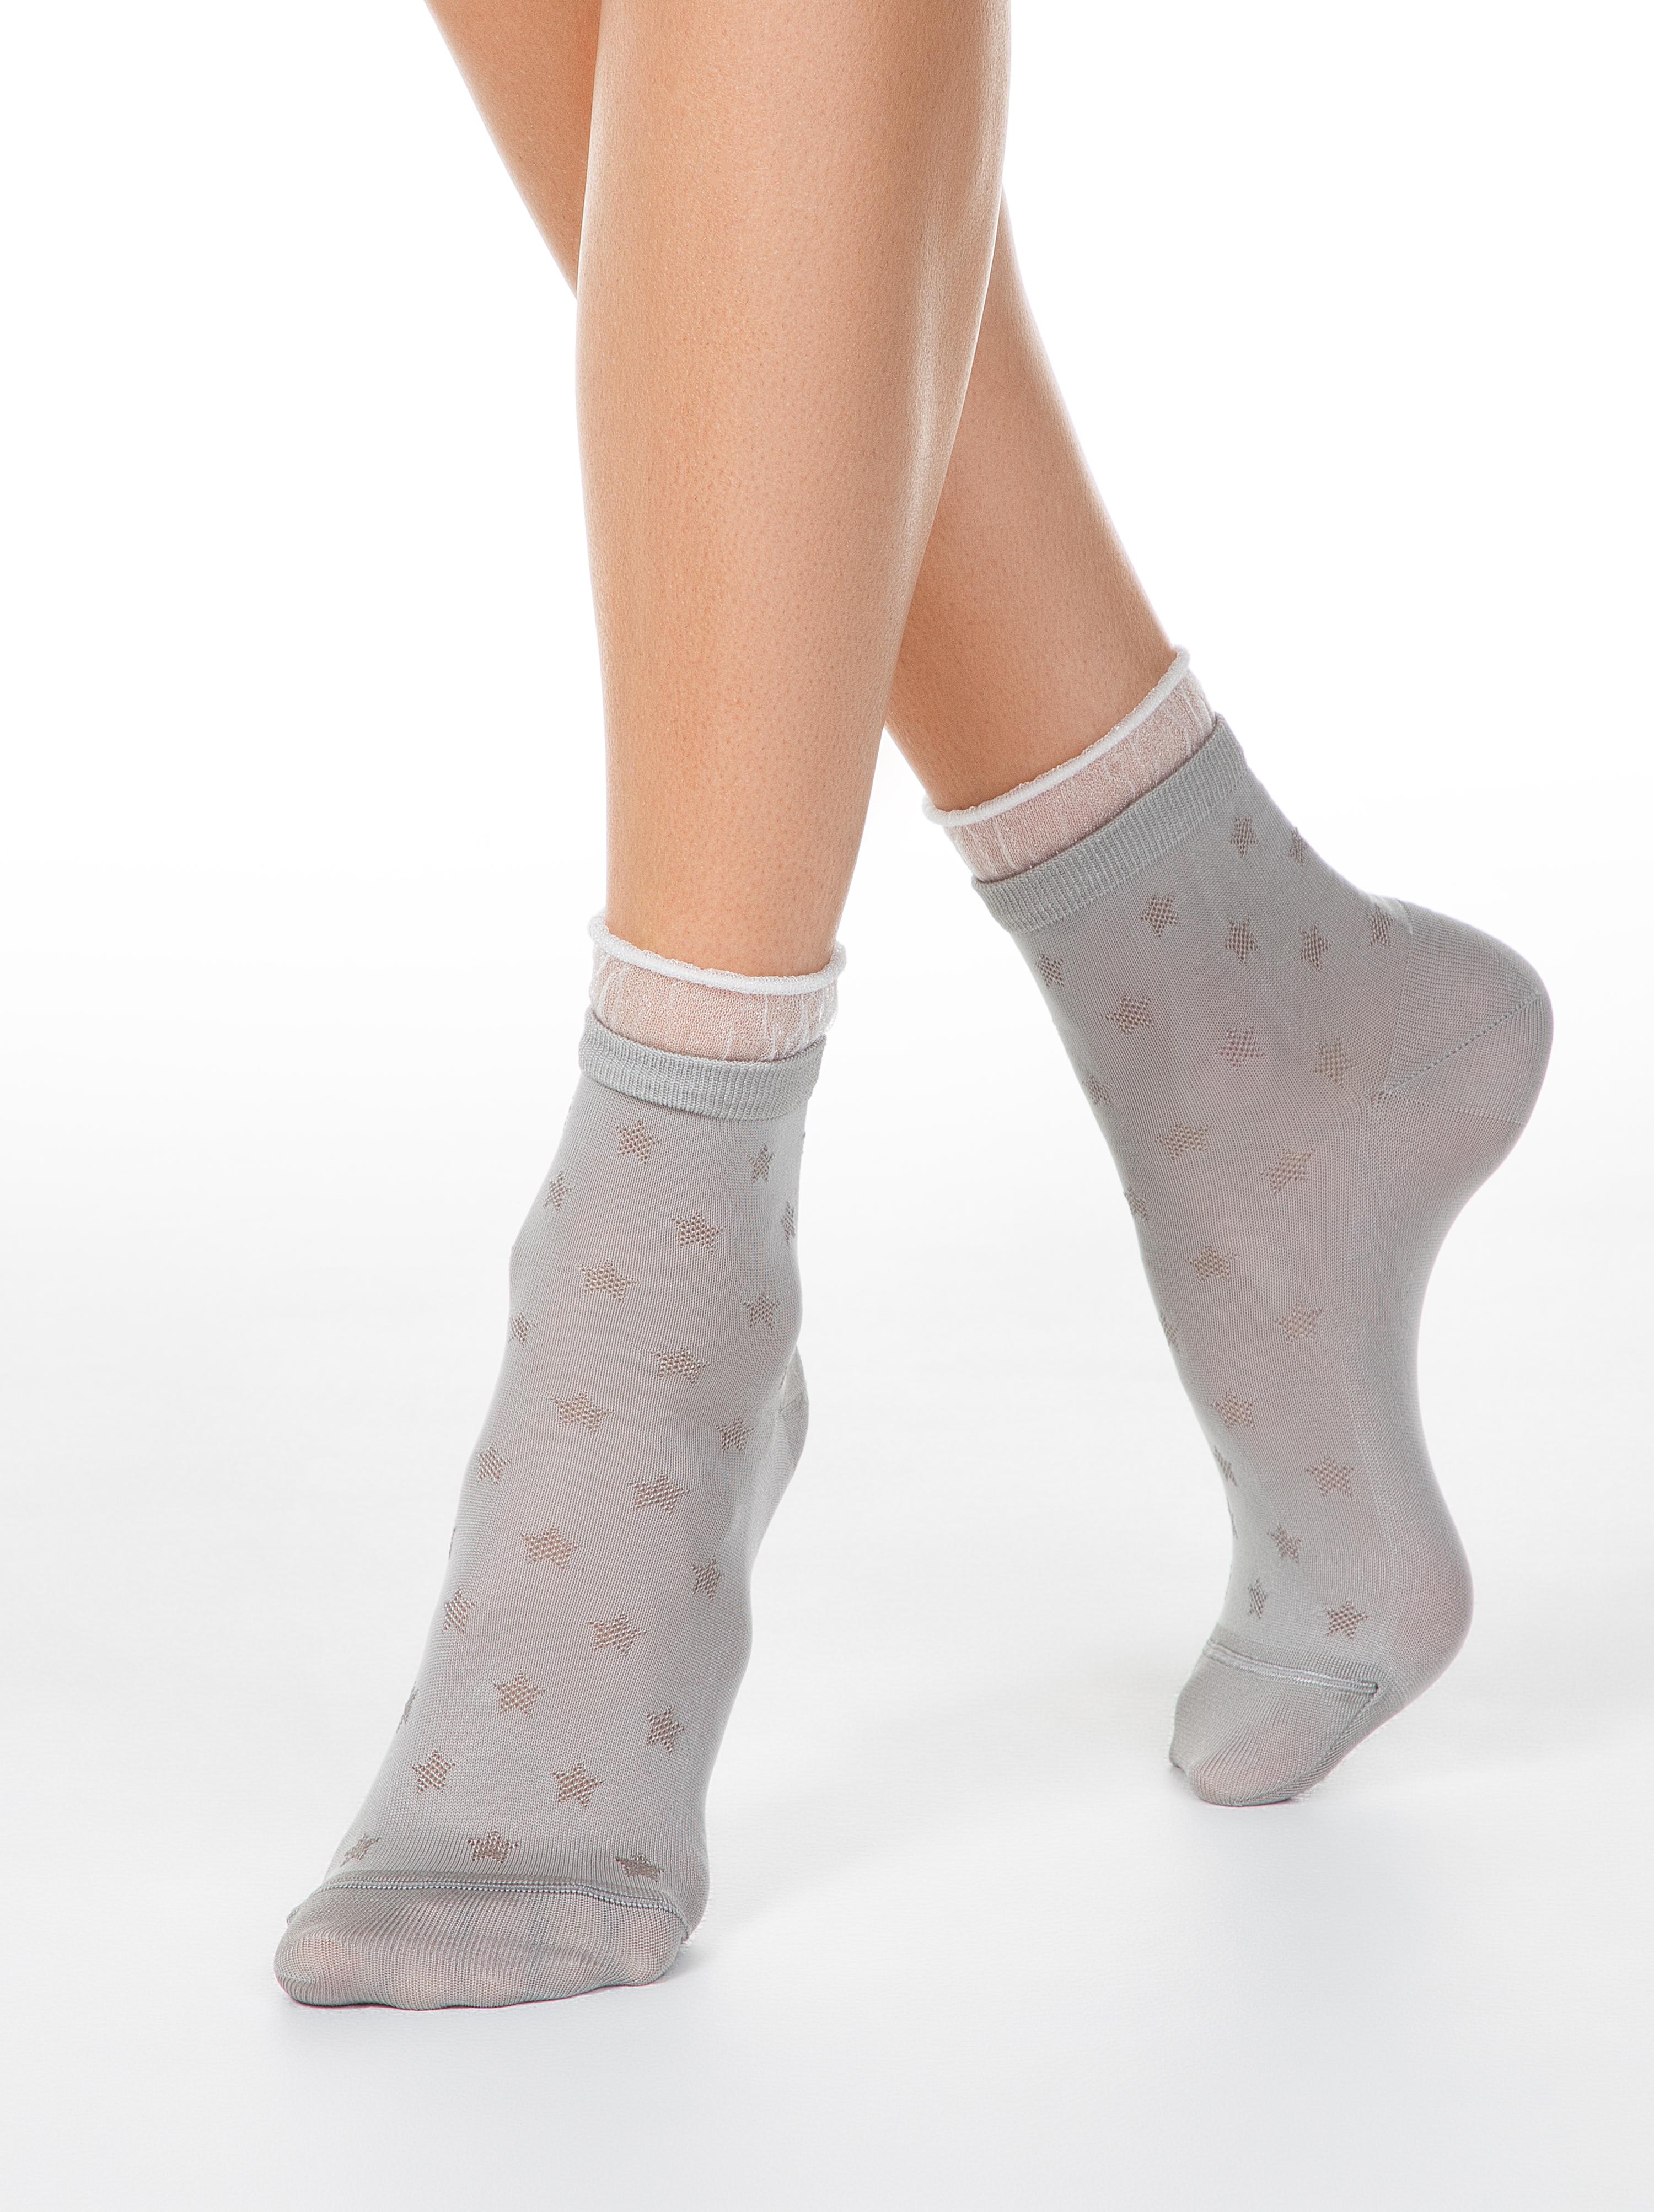 Носки женские ⭐️ Носки CLASSIC из вискозы с глянцевым рисунком и декоративной прозрачной сеткой ⭐️